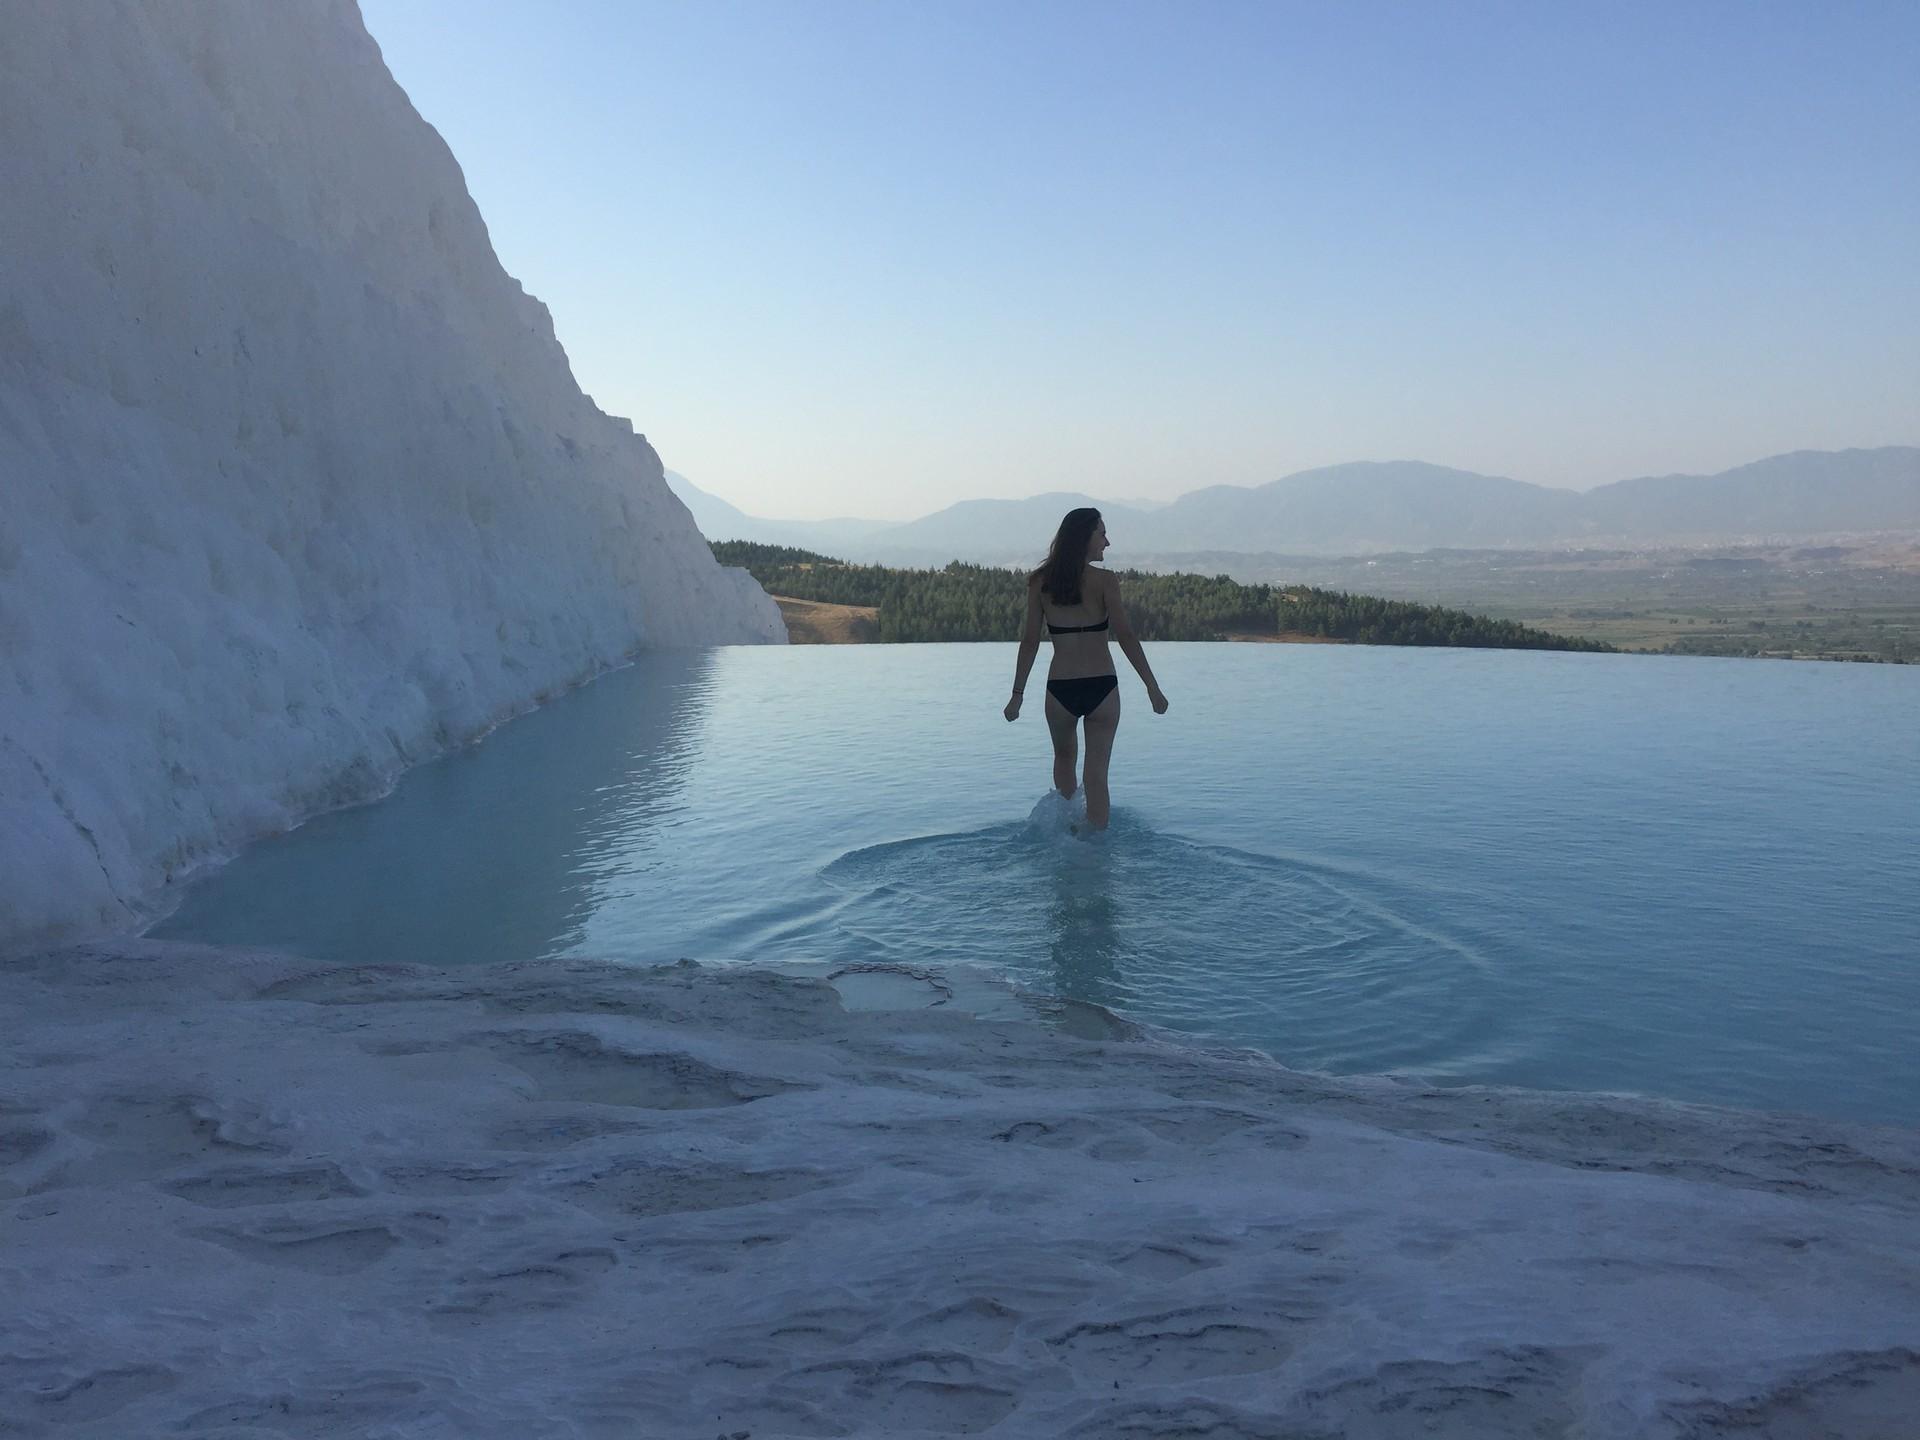 Czy Turcja jest bezpieczna? Opinia 21-letniej dziewczyny, która podróżowała tam sama!